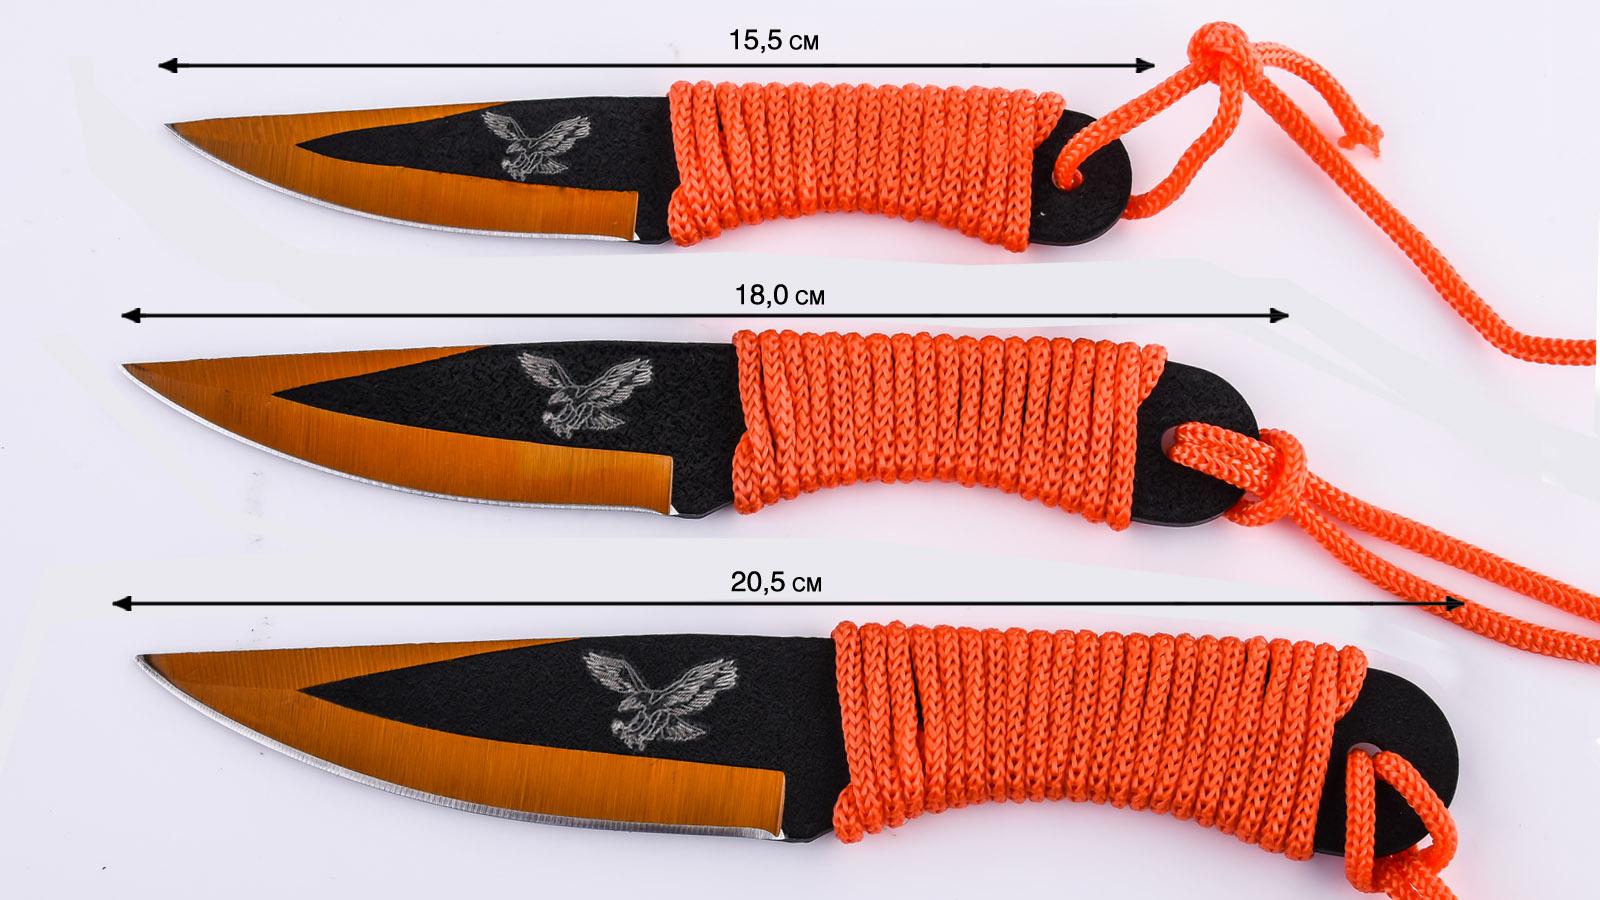 Метательные ножи для спорта - паракорд